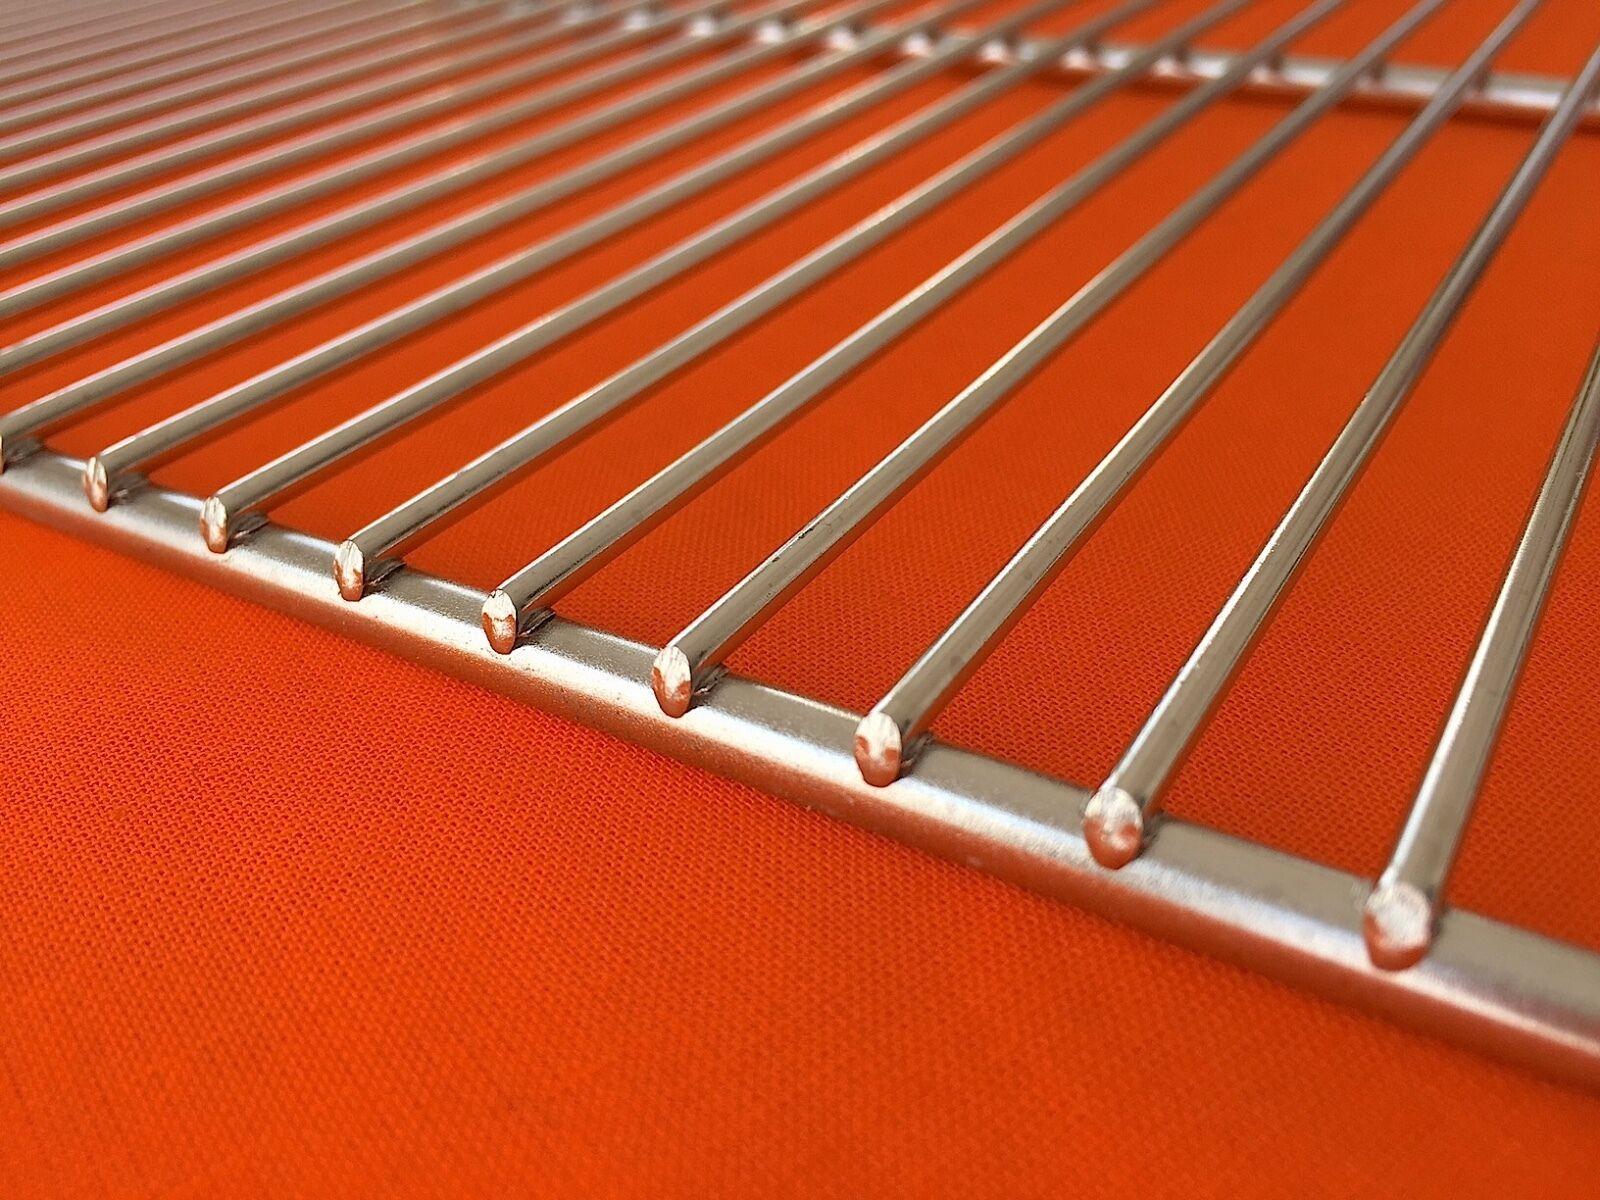 Grillrost EDELSTAHL Rost 54x34 60x40 67x40cm  NUR 19,90€  ROBUSTE Ausführung